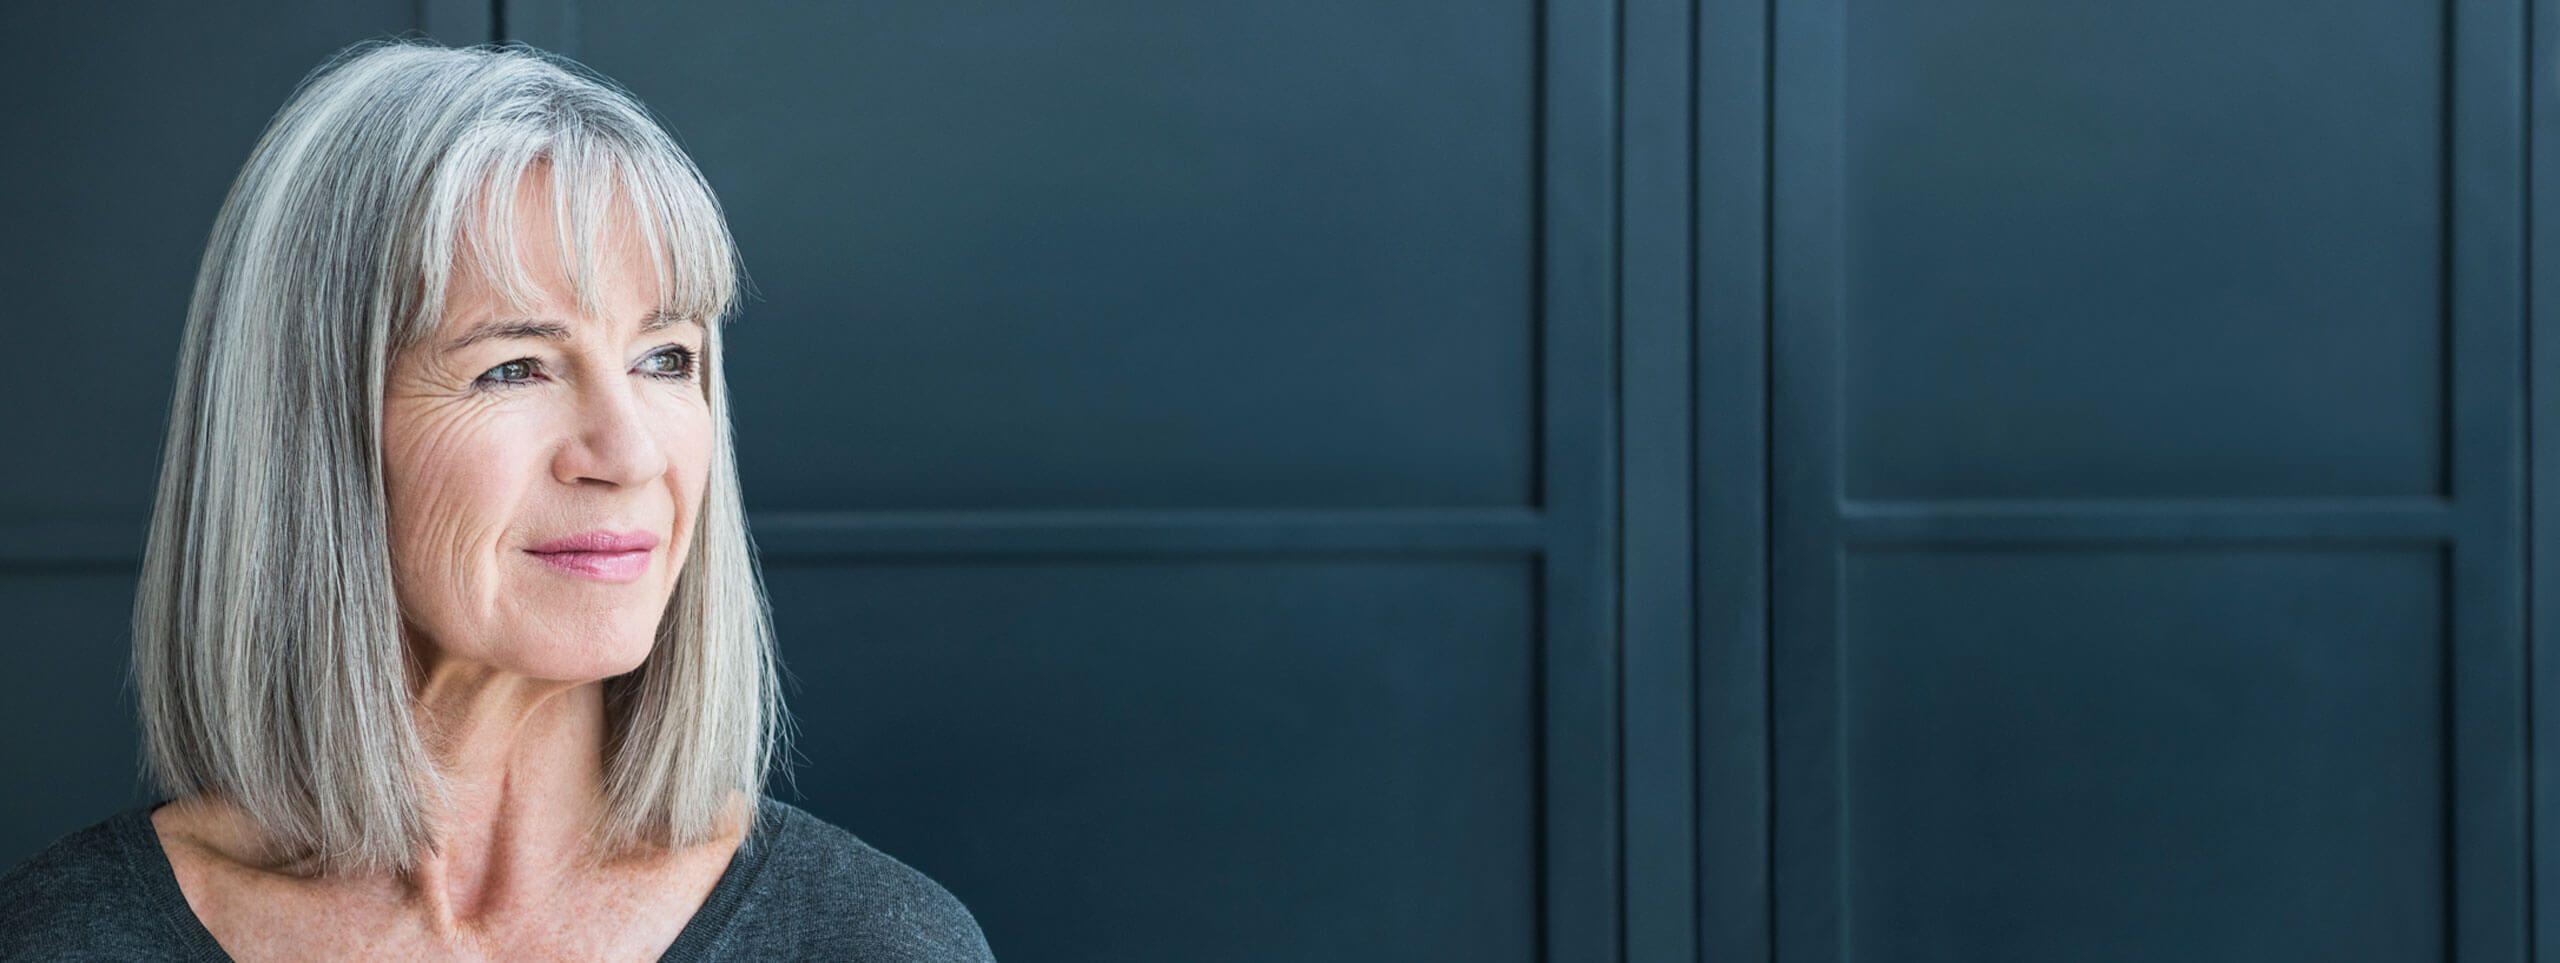 Cabello con canas modelo mayor melena